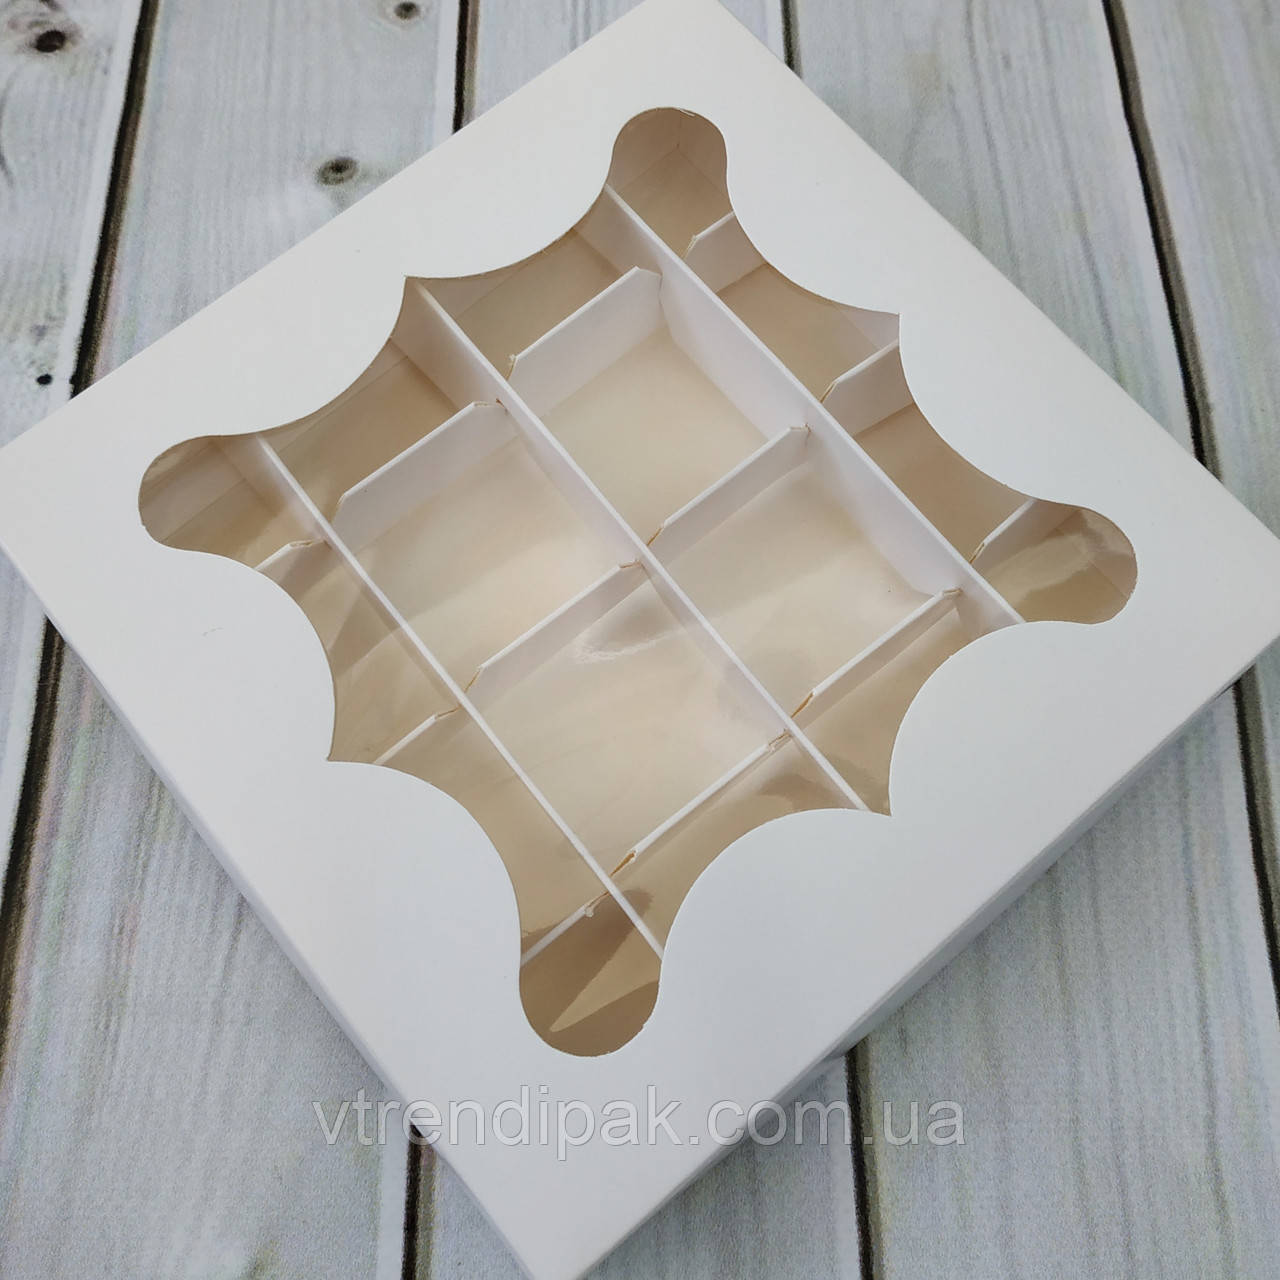 Коробка для цукерок, macarons  білий мелований картон з вікном (плівка ПВХ) 155*155*30